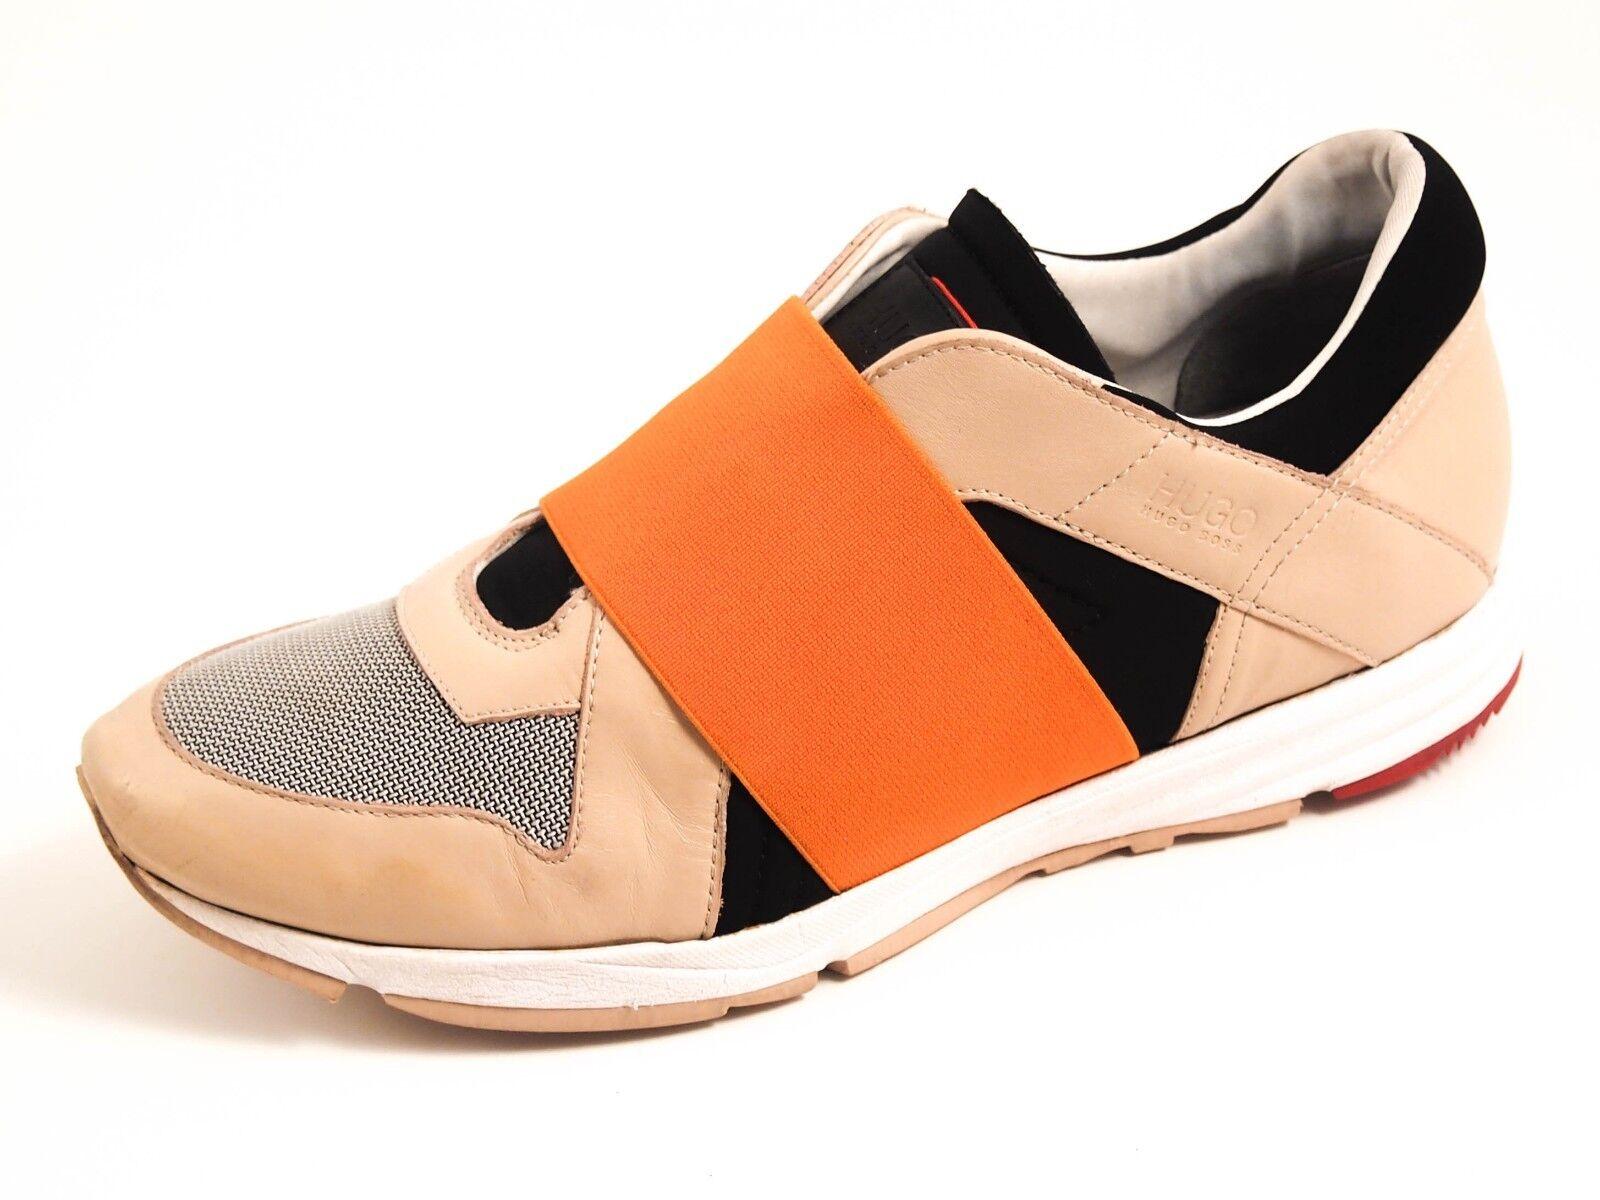 95c19cae5 Hugo Boss Slip On, malla de cuero y de Zapato para Hombres Tamaño nos 8 41  520 Color, EU npvwmo9302-zapatos nuevos